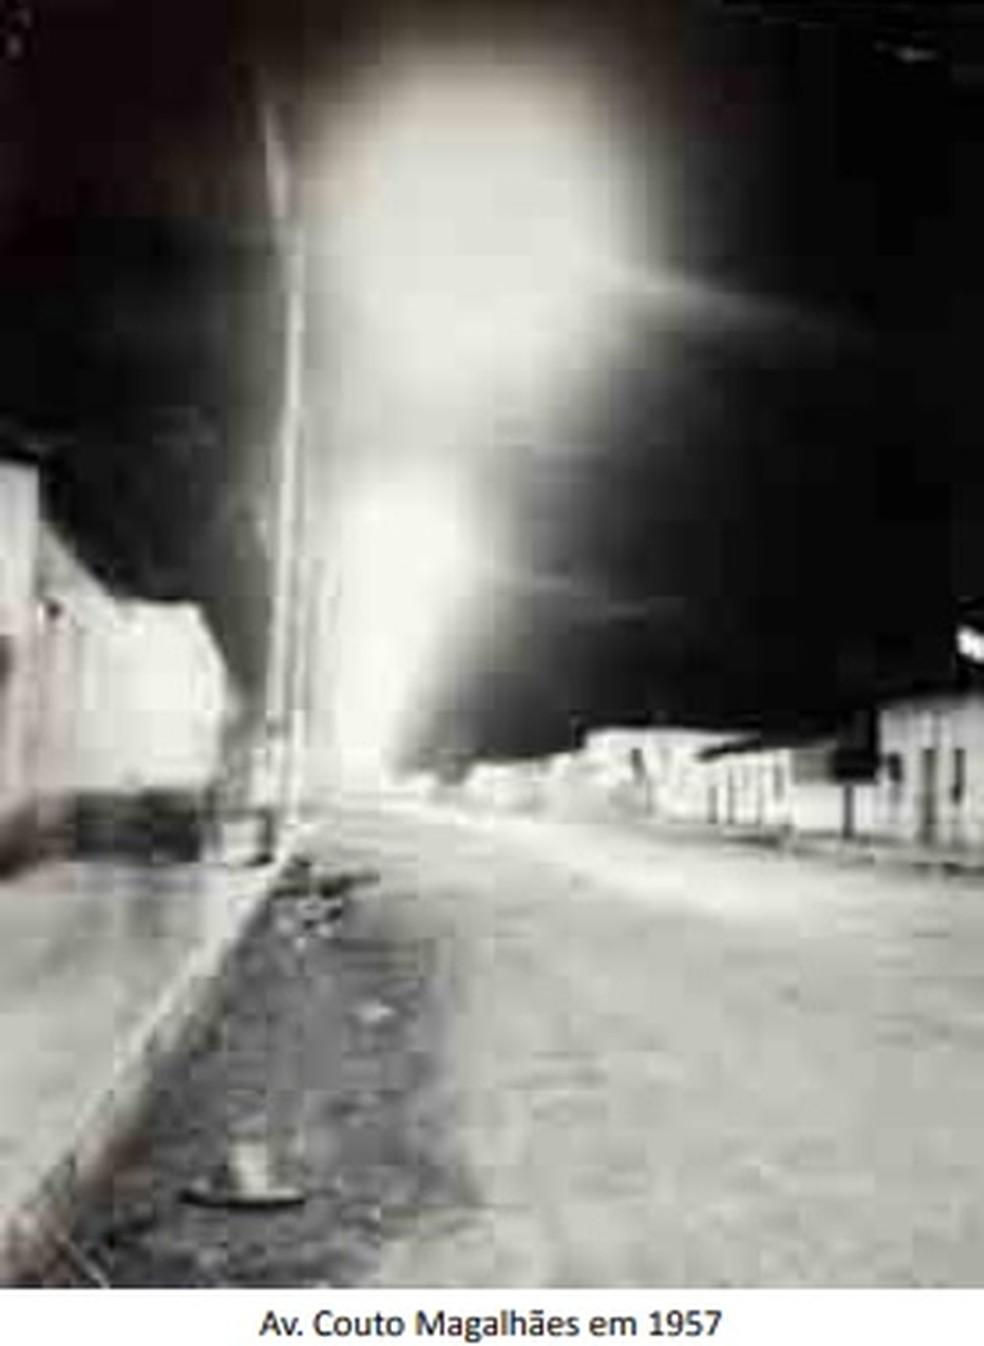 Avenida Couto Magalhães no século passado — Foto: Reprodução